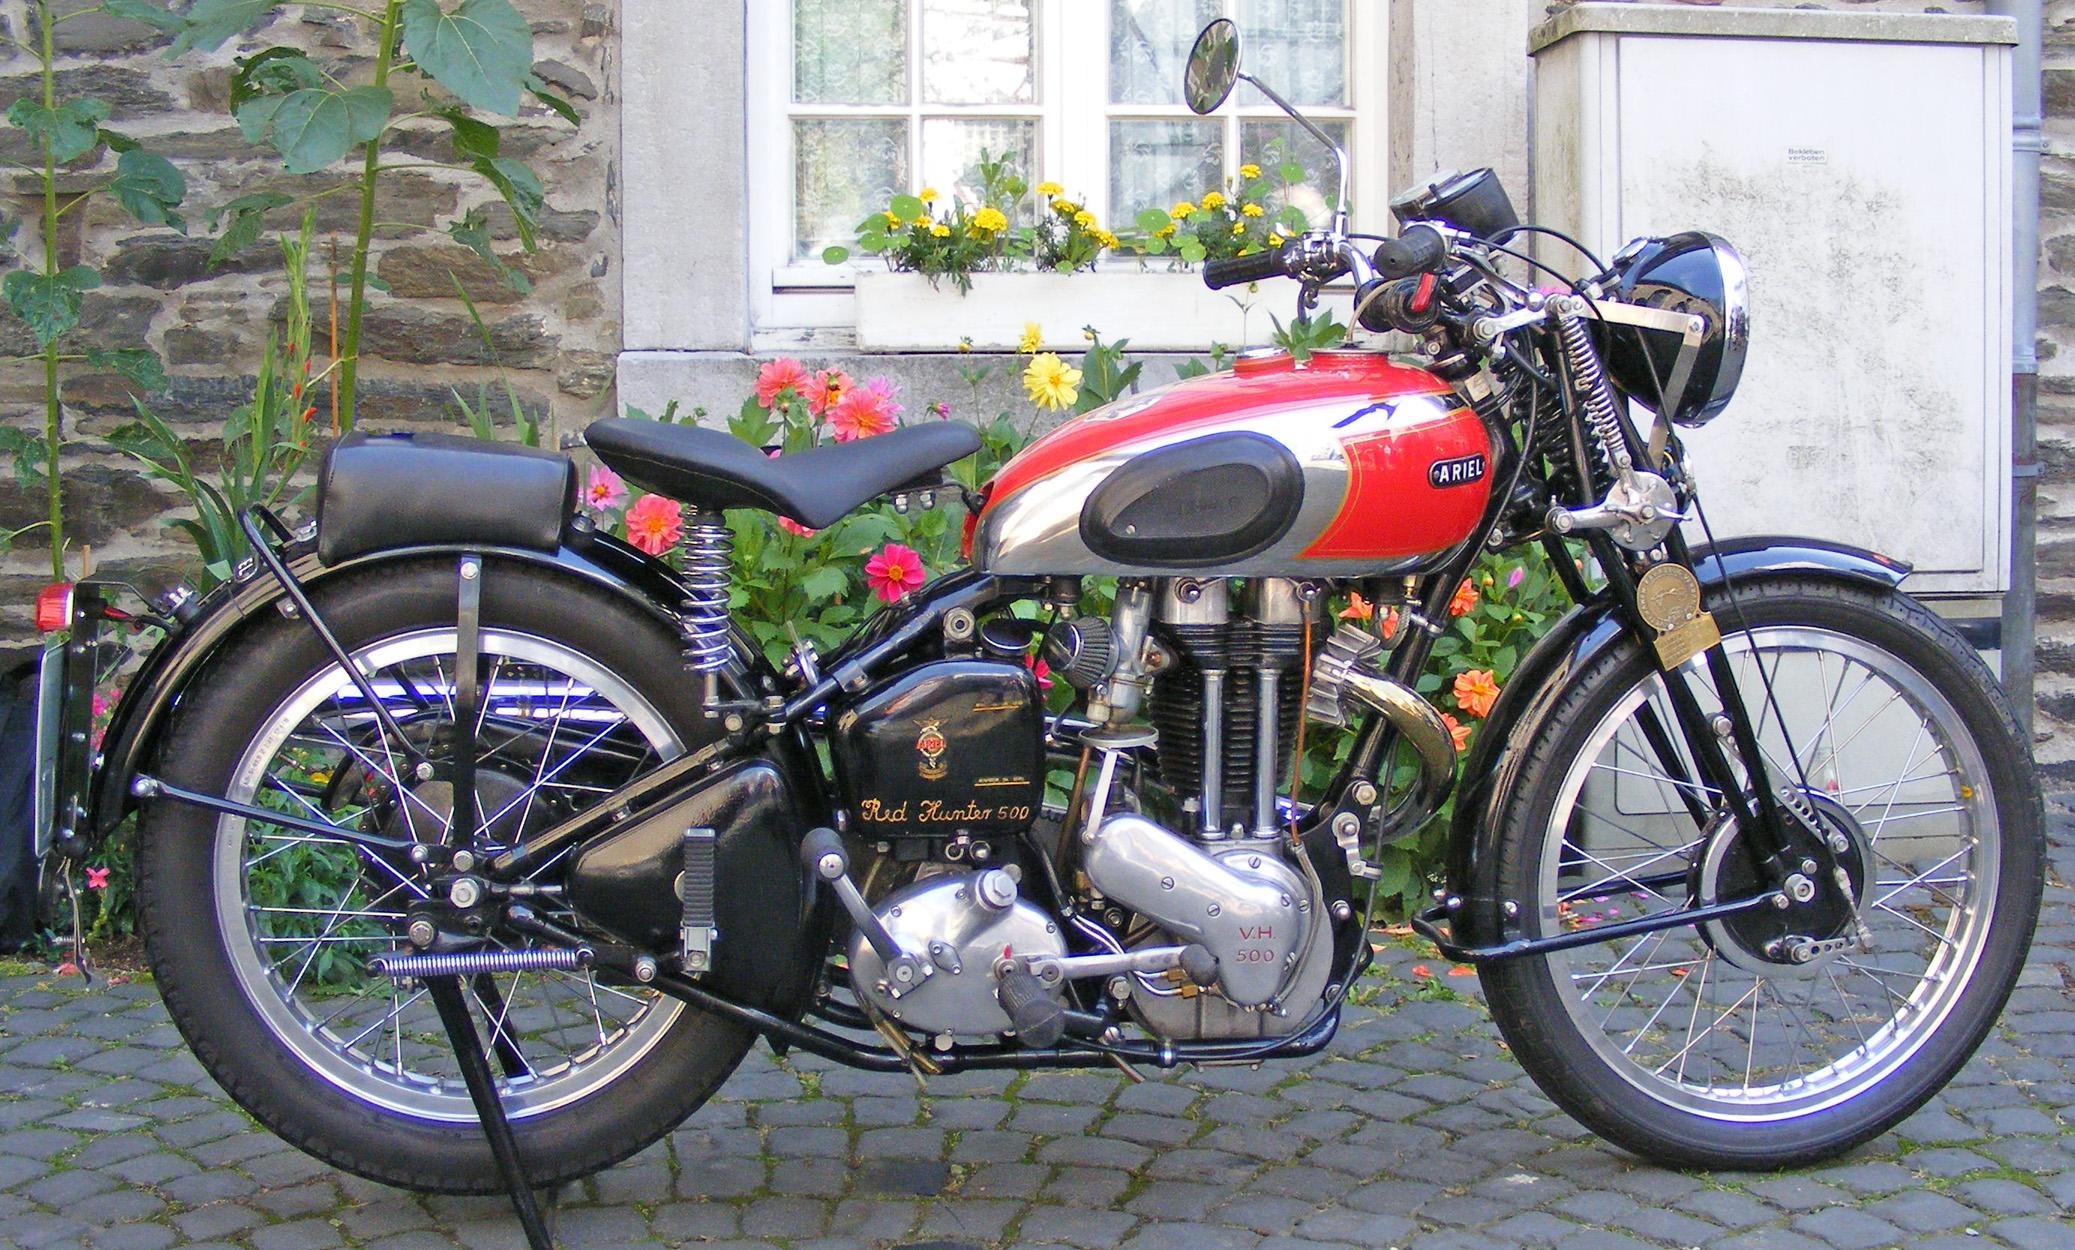 Ariel Motorrad Dating